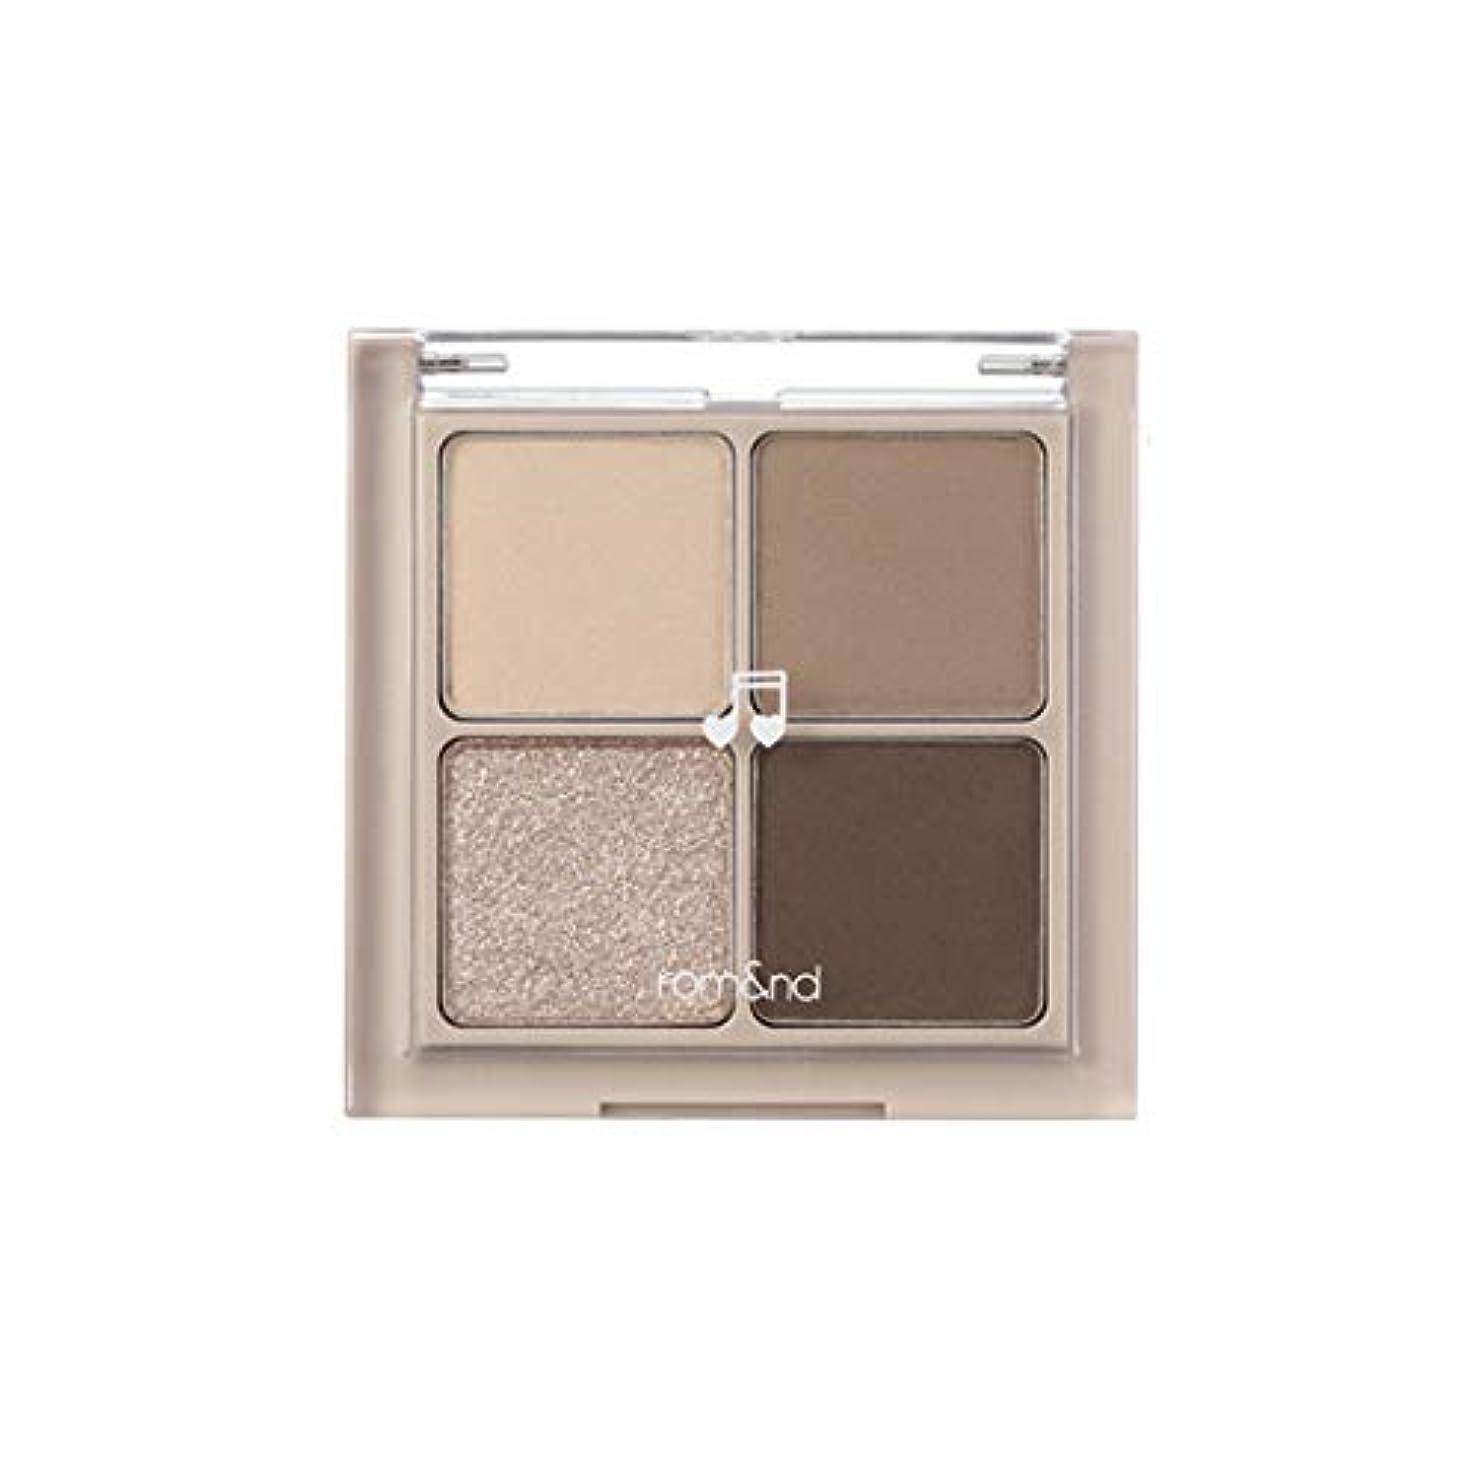 一緒滅びる宴会rom&nd BETTER THAN EYES Eyeshadow Palette 4色のアイシャドウパレット # M2 DRY buckwheat flower(並行輸入品)